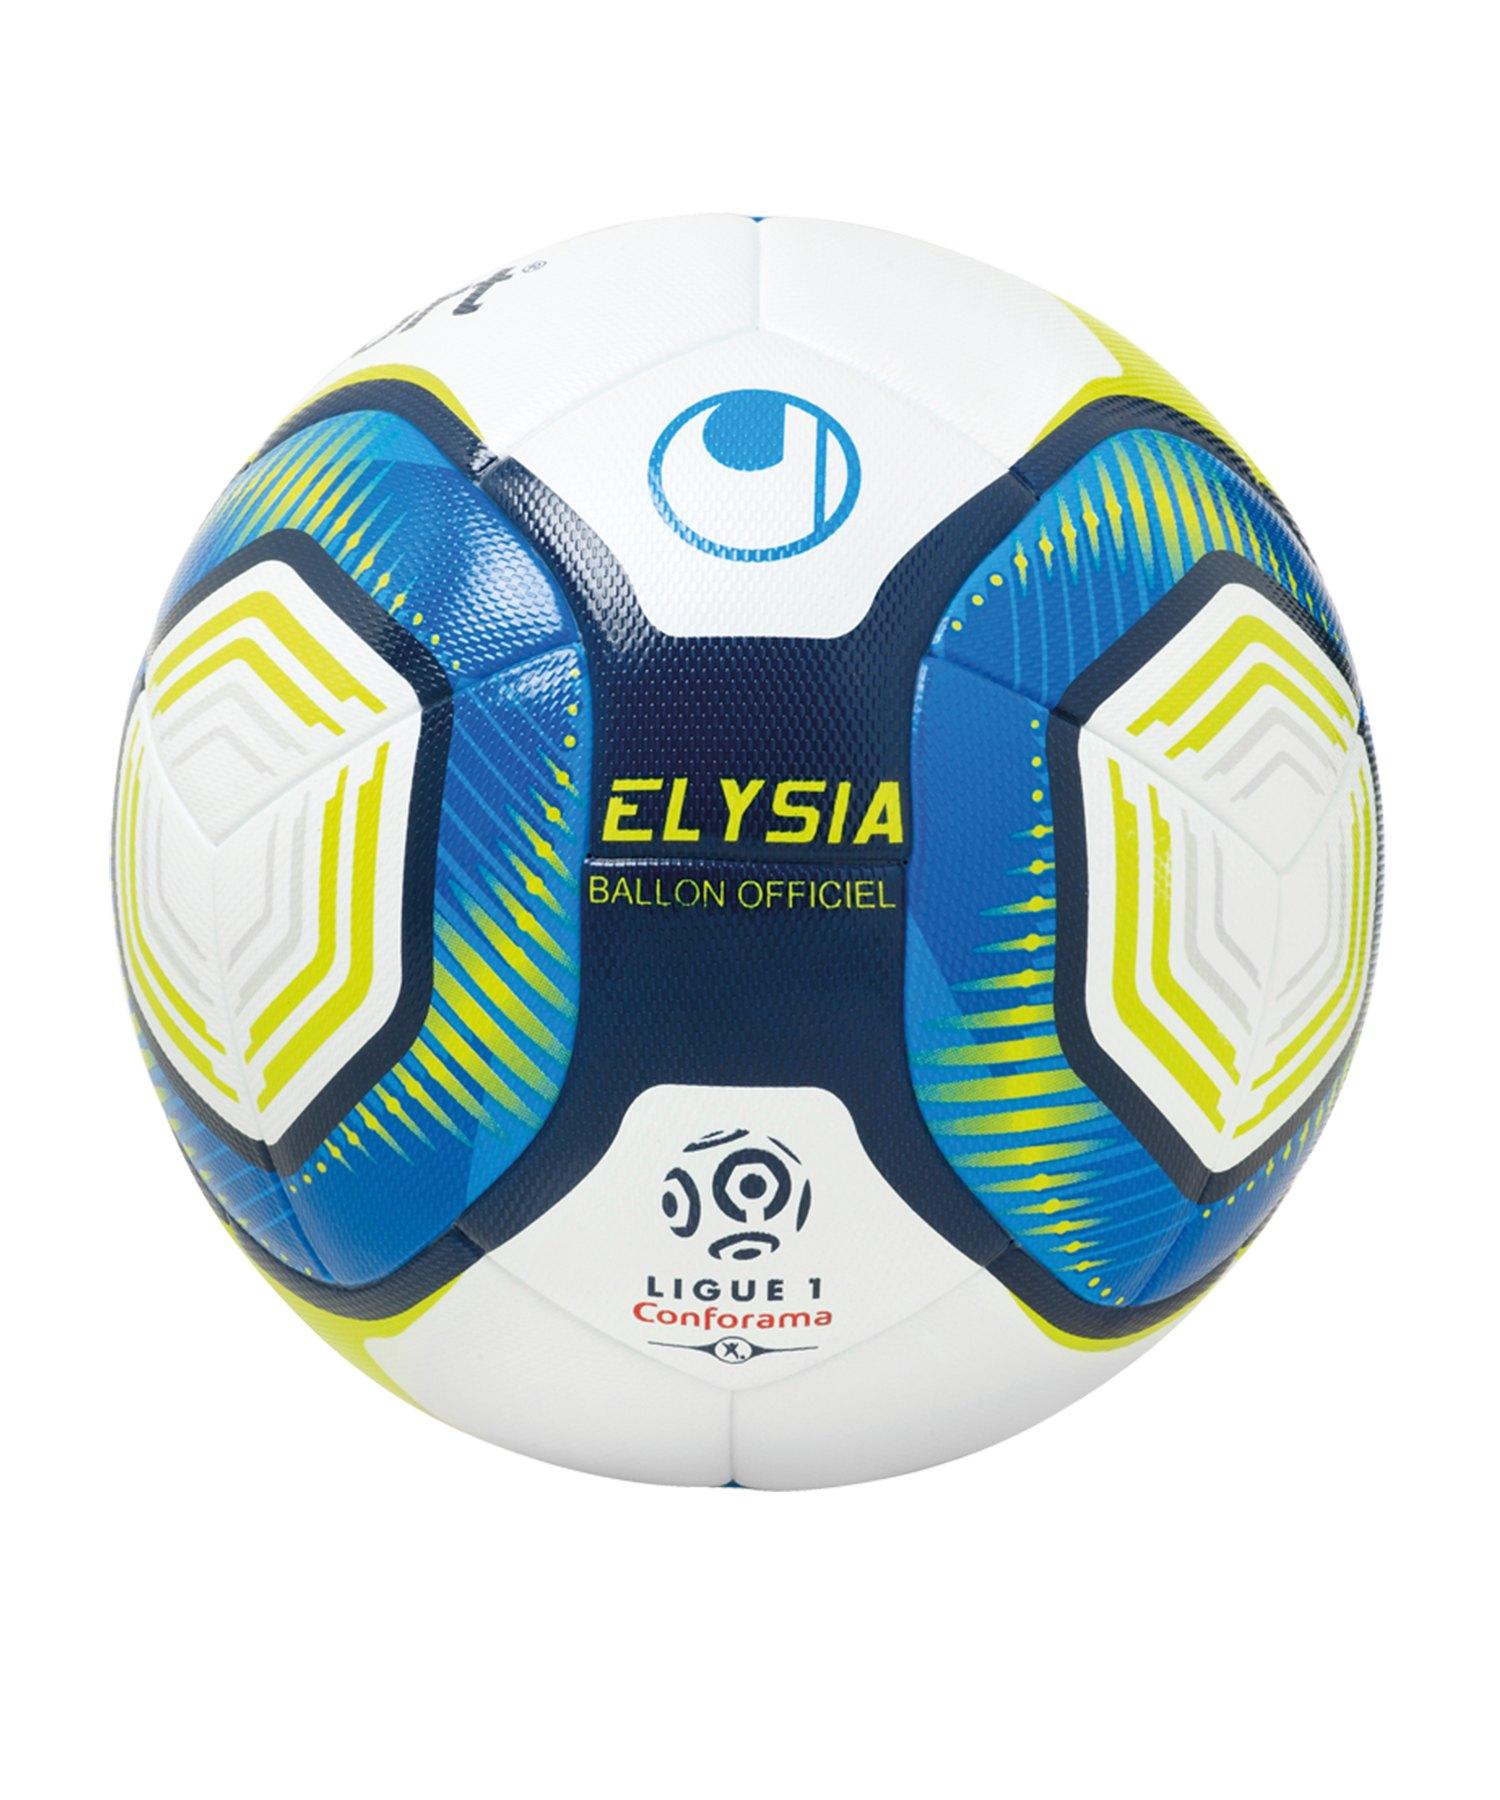 Uhlsport Elysia Ballon Officiel Fussbal 19 Weiss Blau F01 - weiss